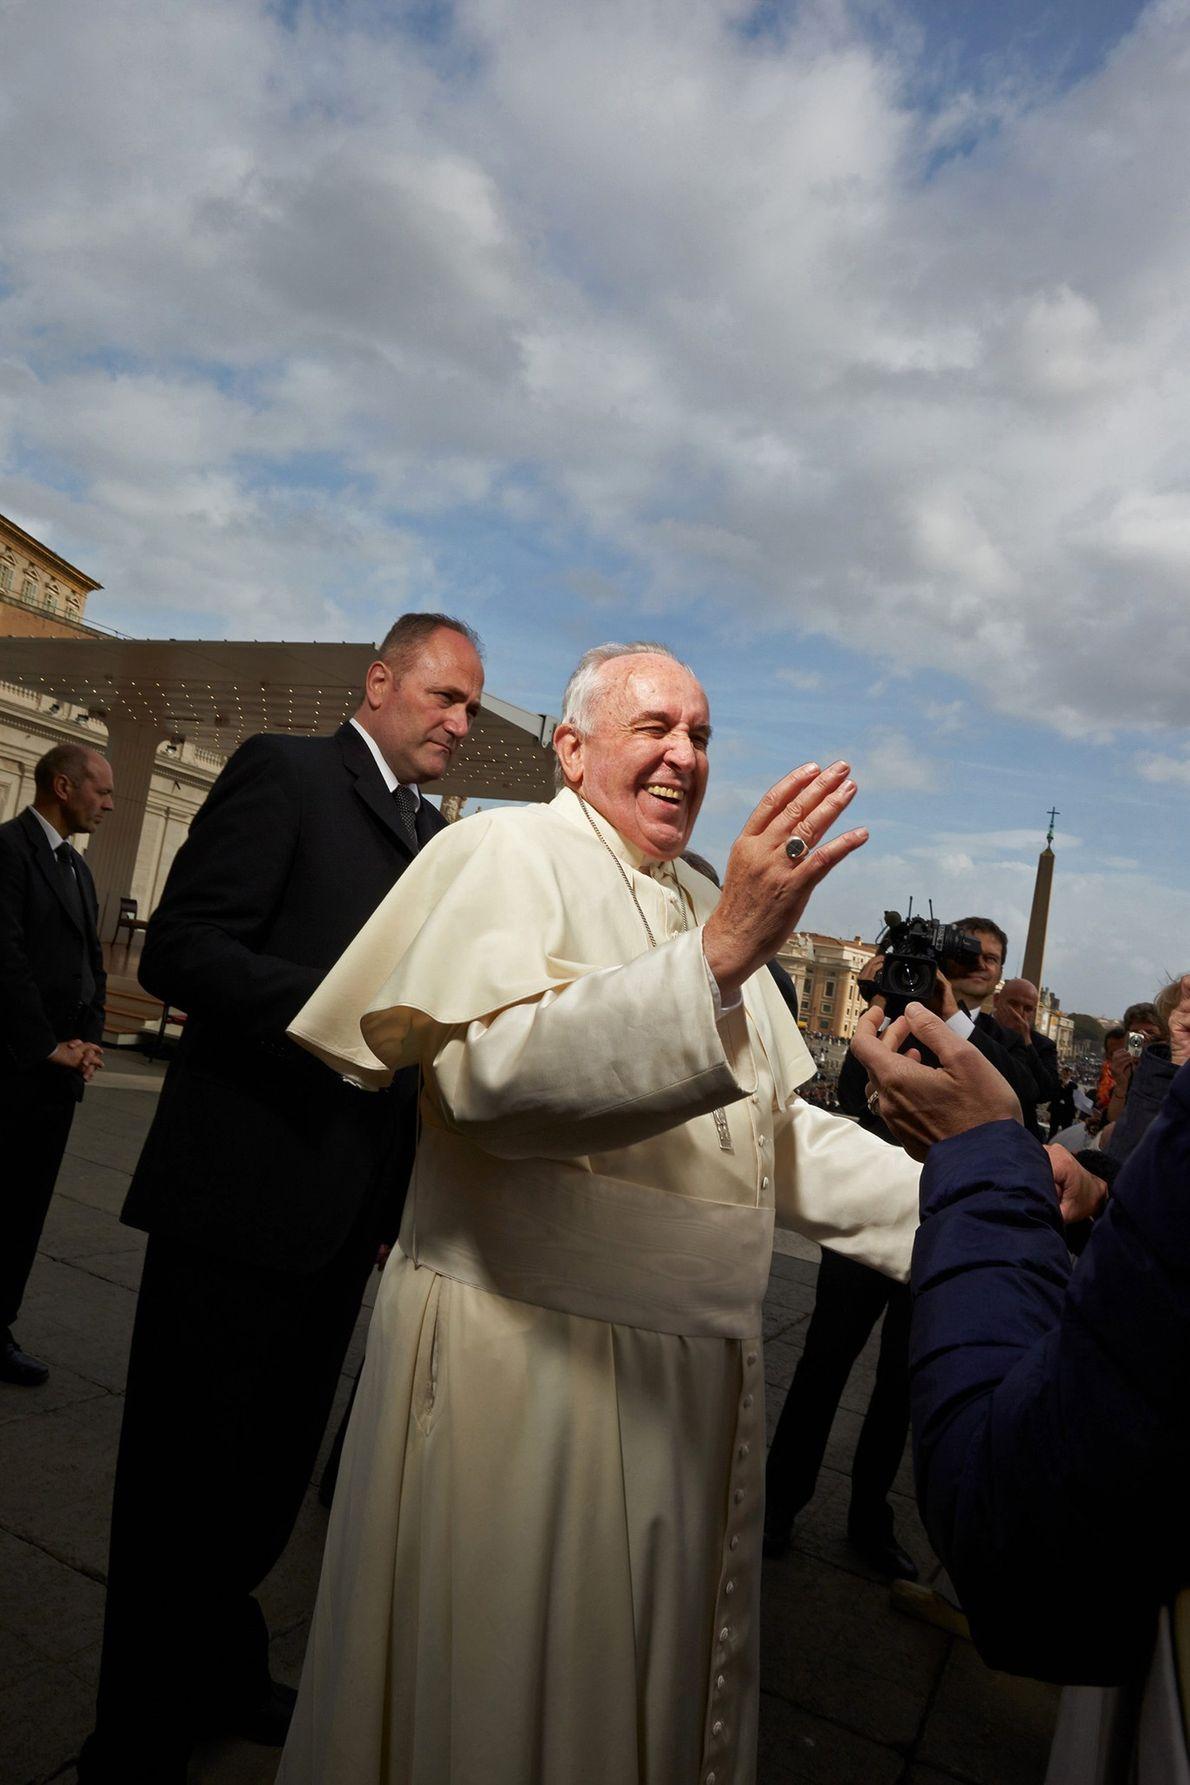 Ein päpstliches Schmunzeln